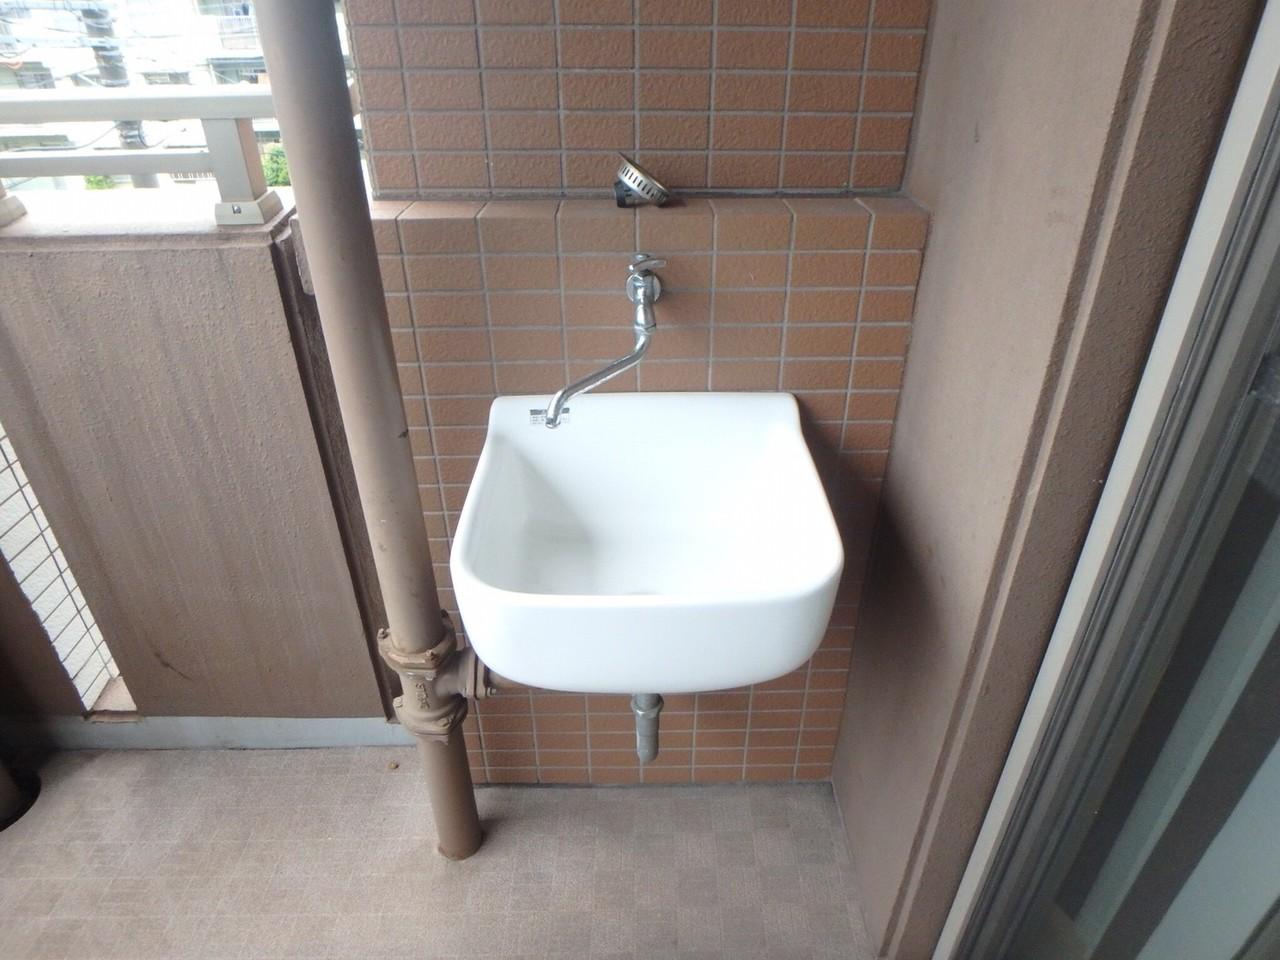 小型犬、猫可能な物件です。バルコニーに洗い場があり便利ですね。